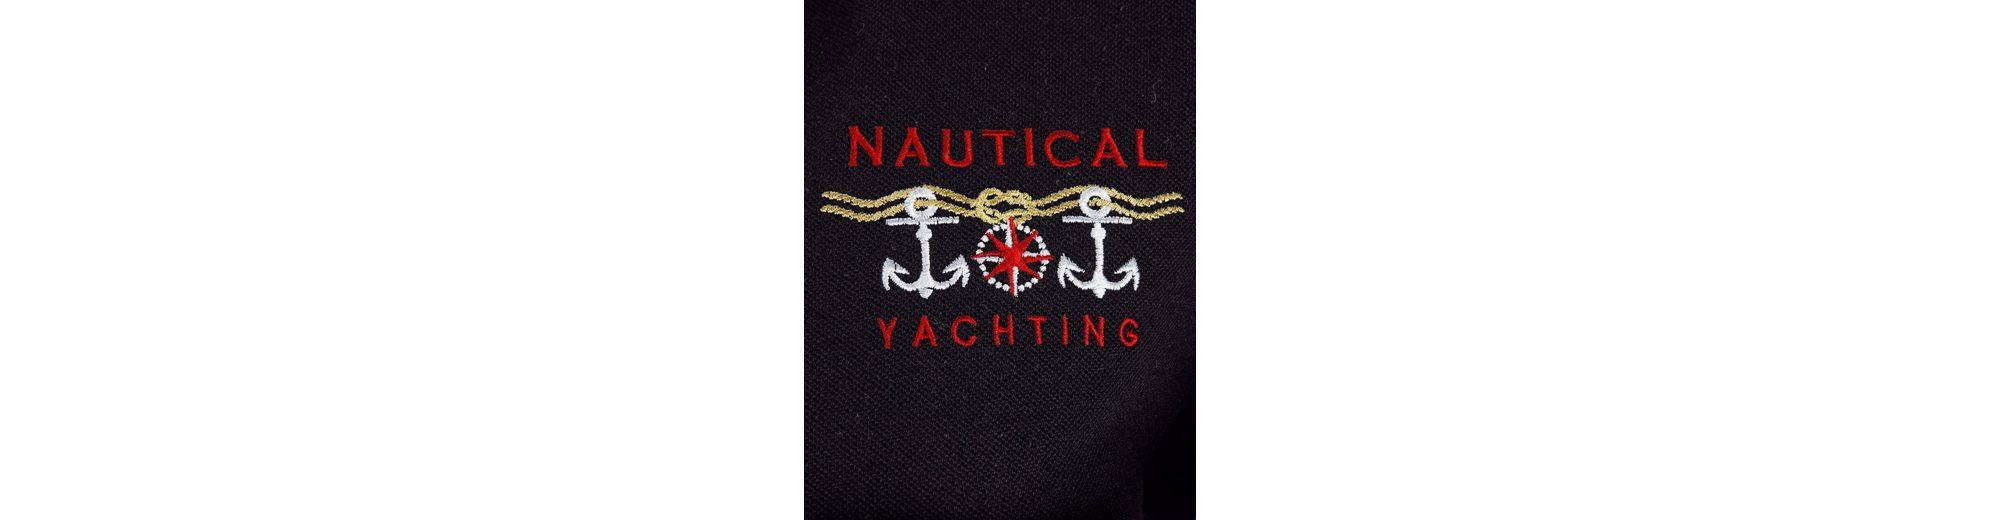 Mona Poloshirt mit maritimer Stickerei Billig Verkauf Manchester 8caOdF